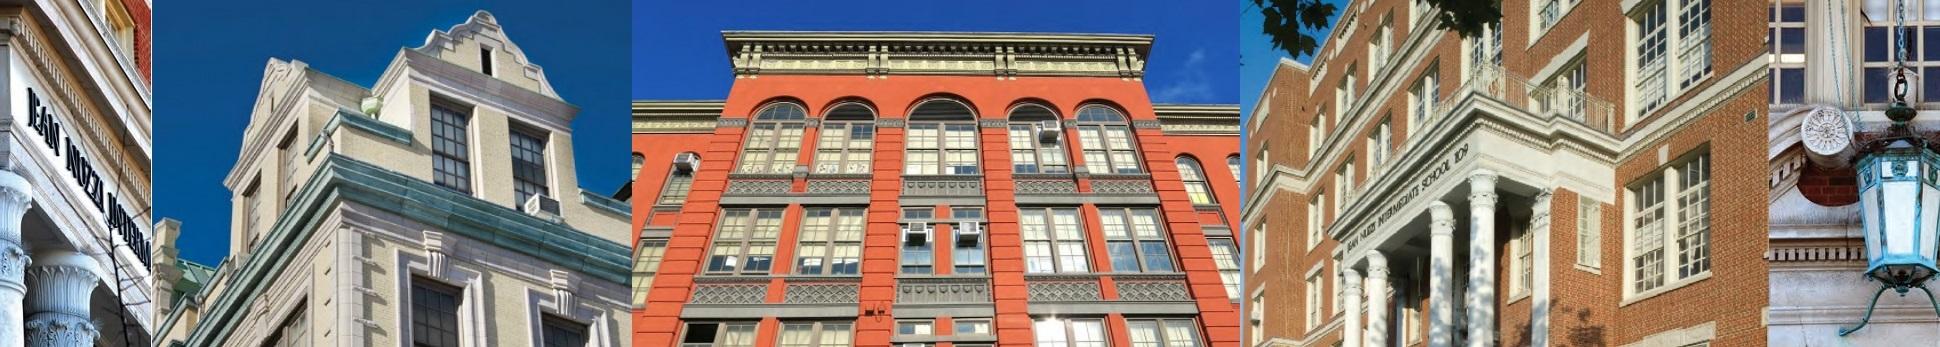 Historic Schools Banner